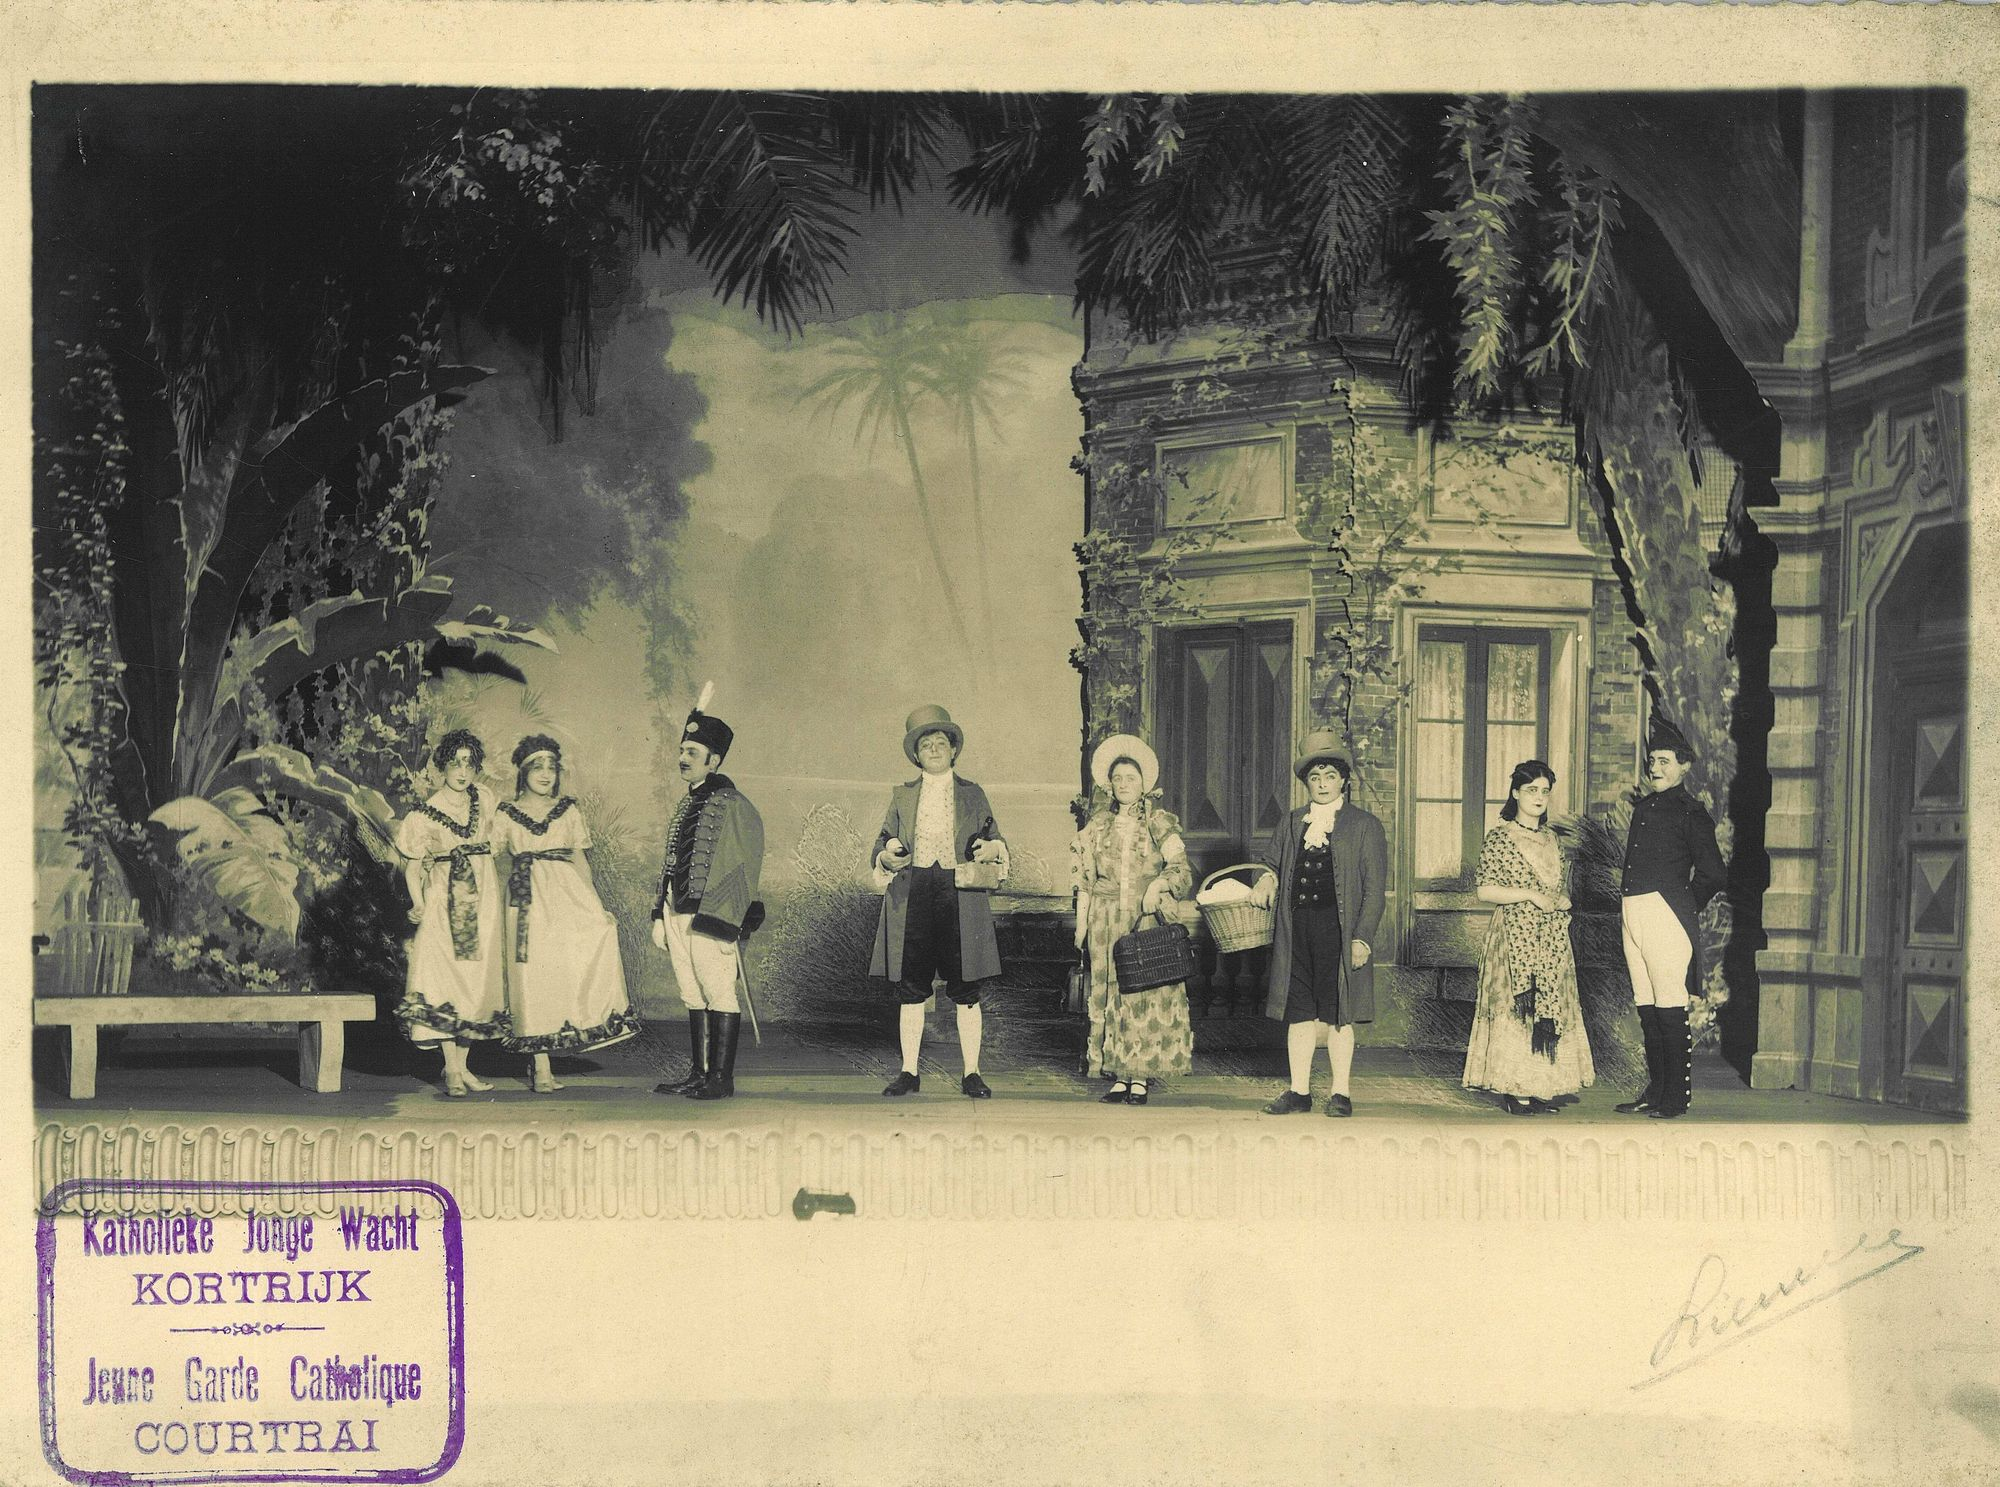 Katholieke Jonge Wacht in 1924